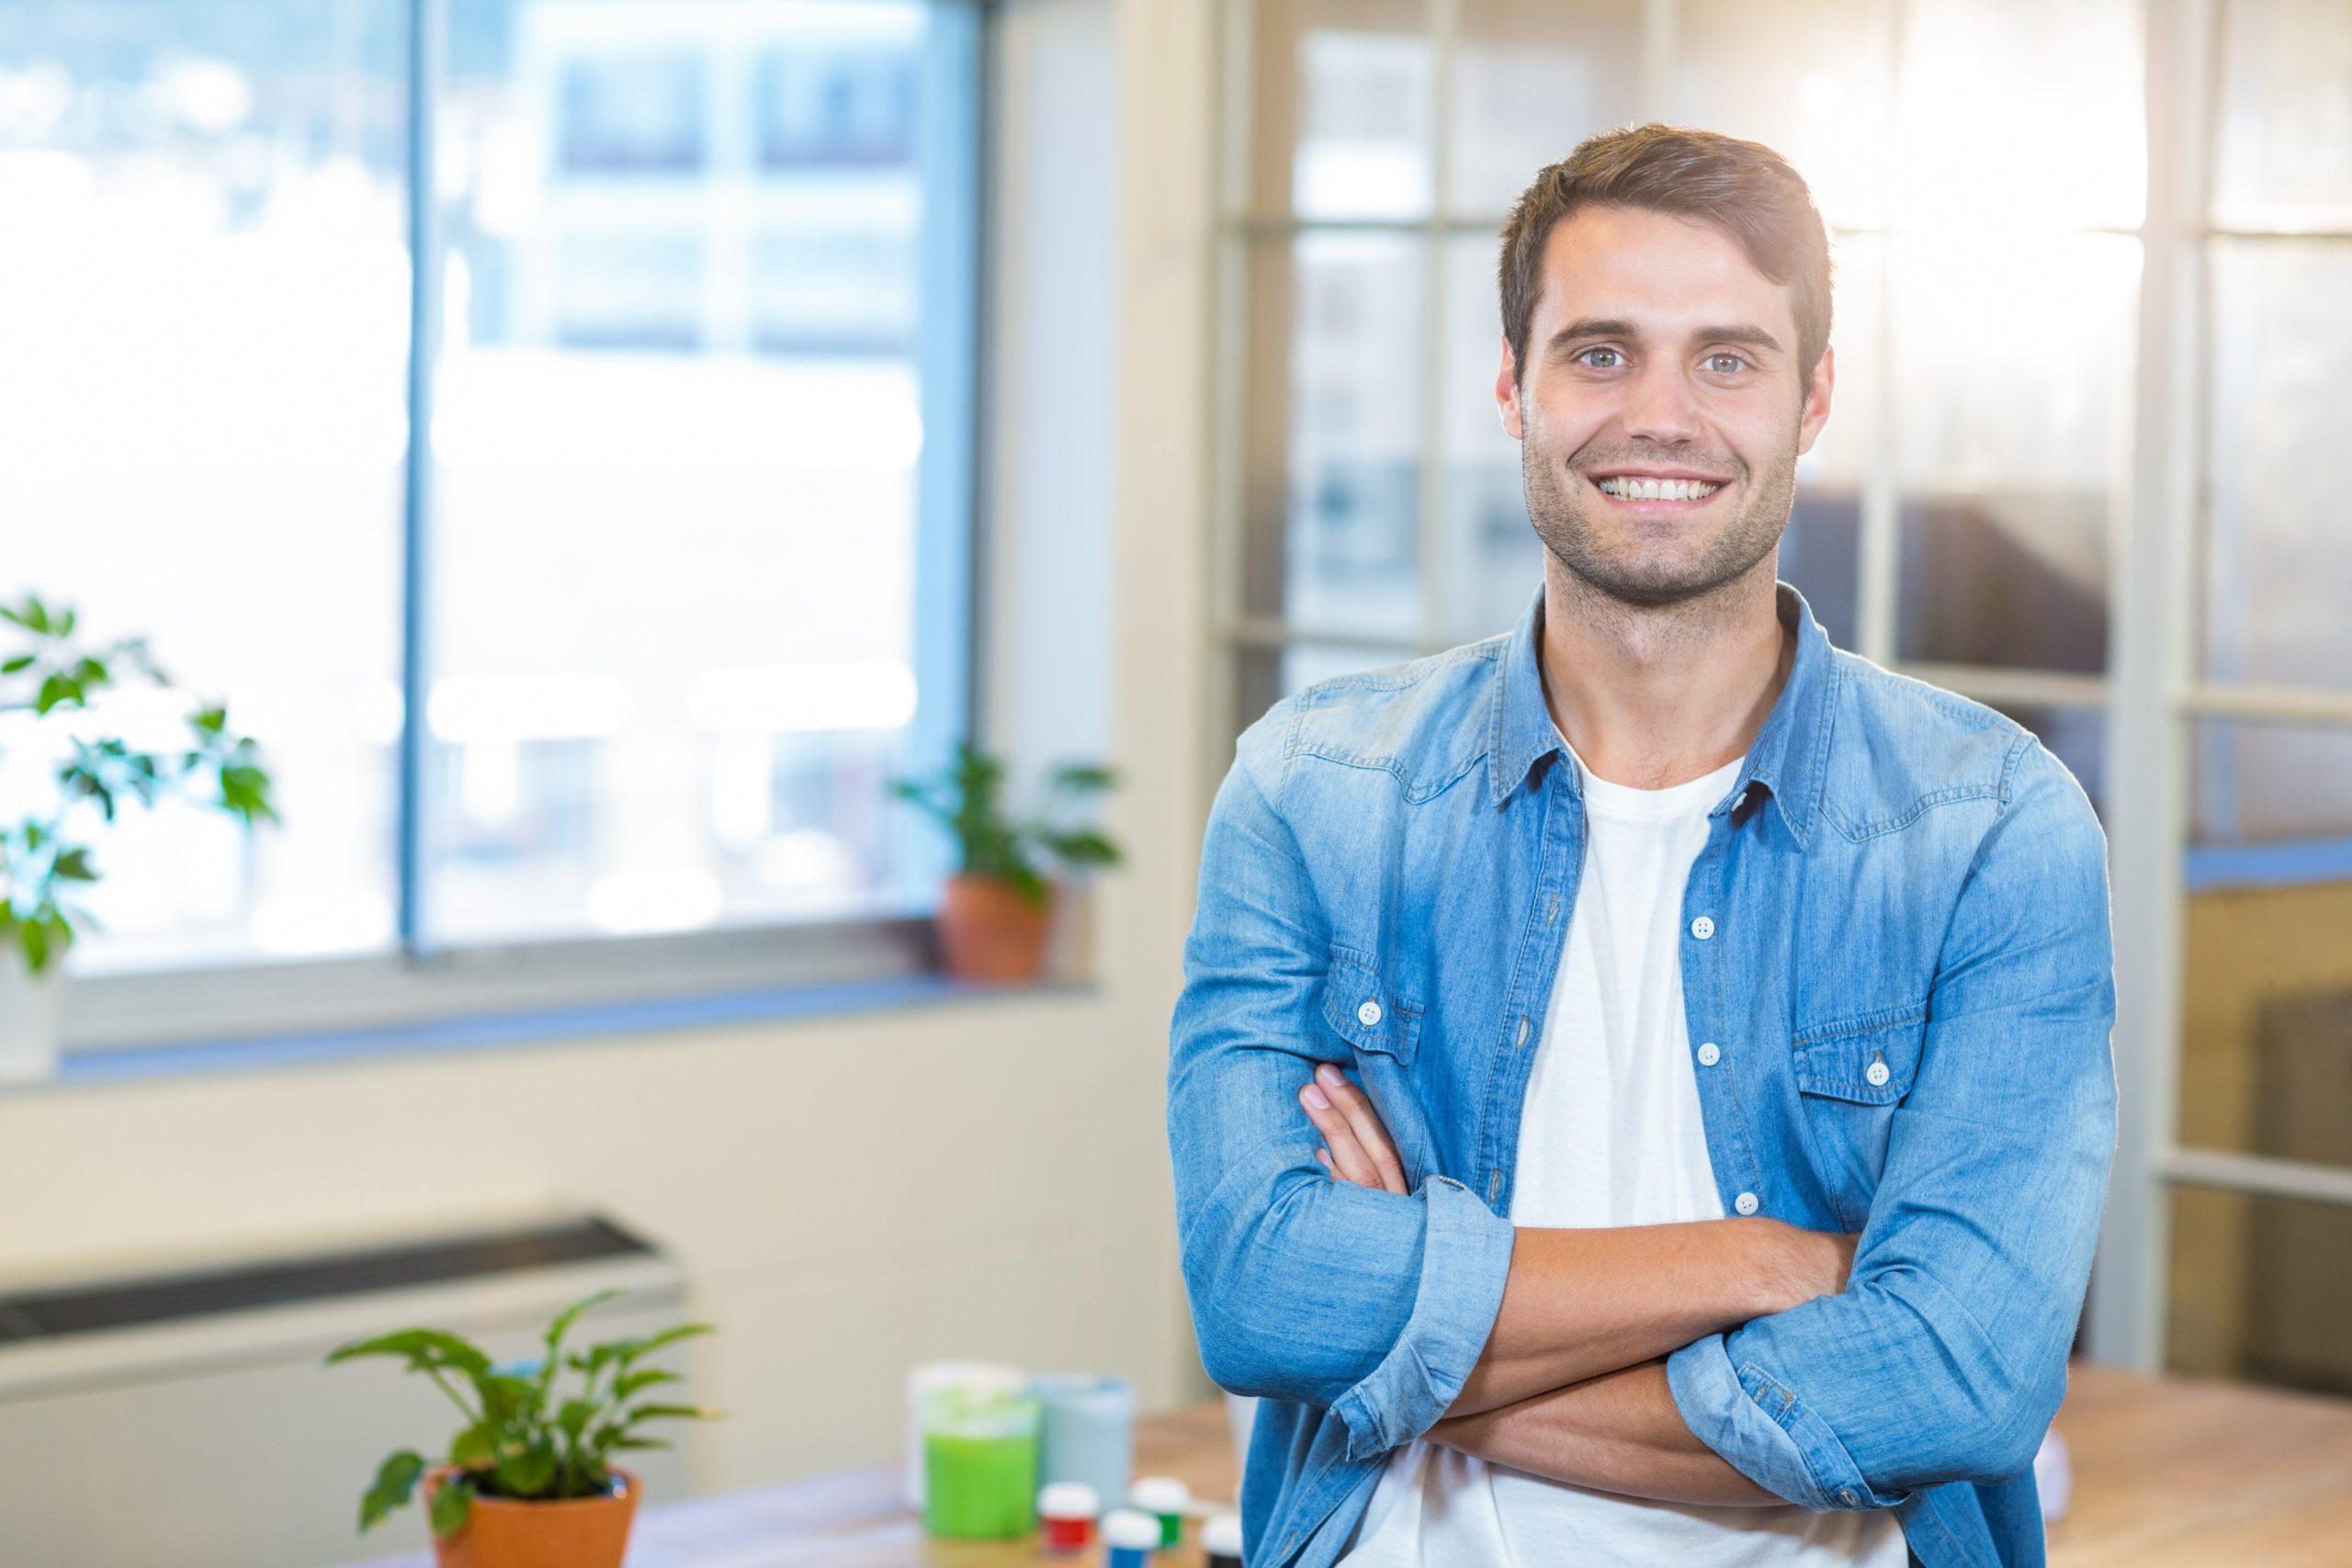 Wohnbereichsleitung - junger Mann lächelt in die Kamera